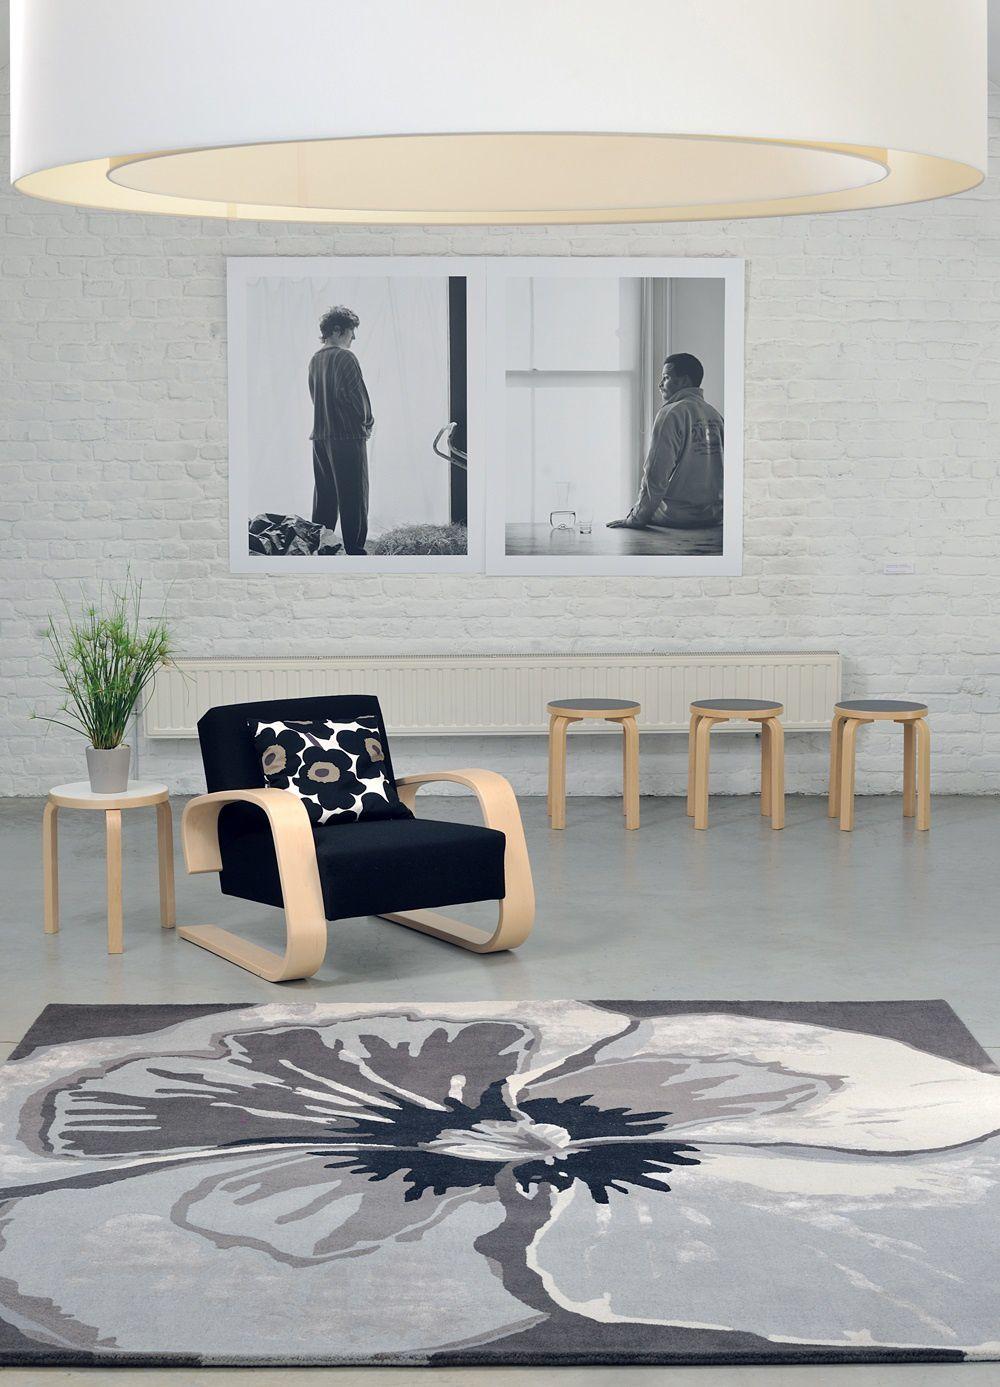 TAPIS Toulemonde Bochart ARABESQUE La decoration sur mesure THIERS Puy de Dome 63 TAPISSIER DECORATEUR fauteuil rideaux stores tissus